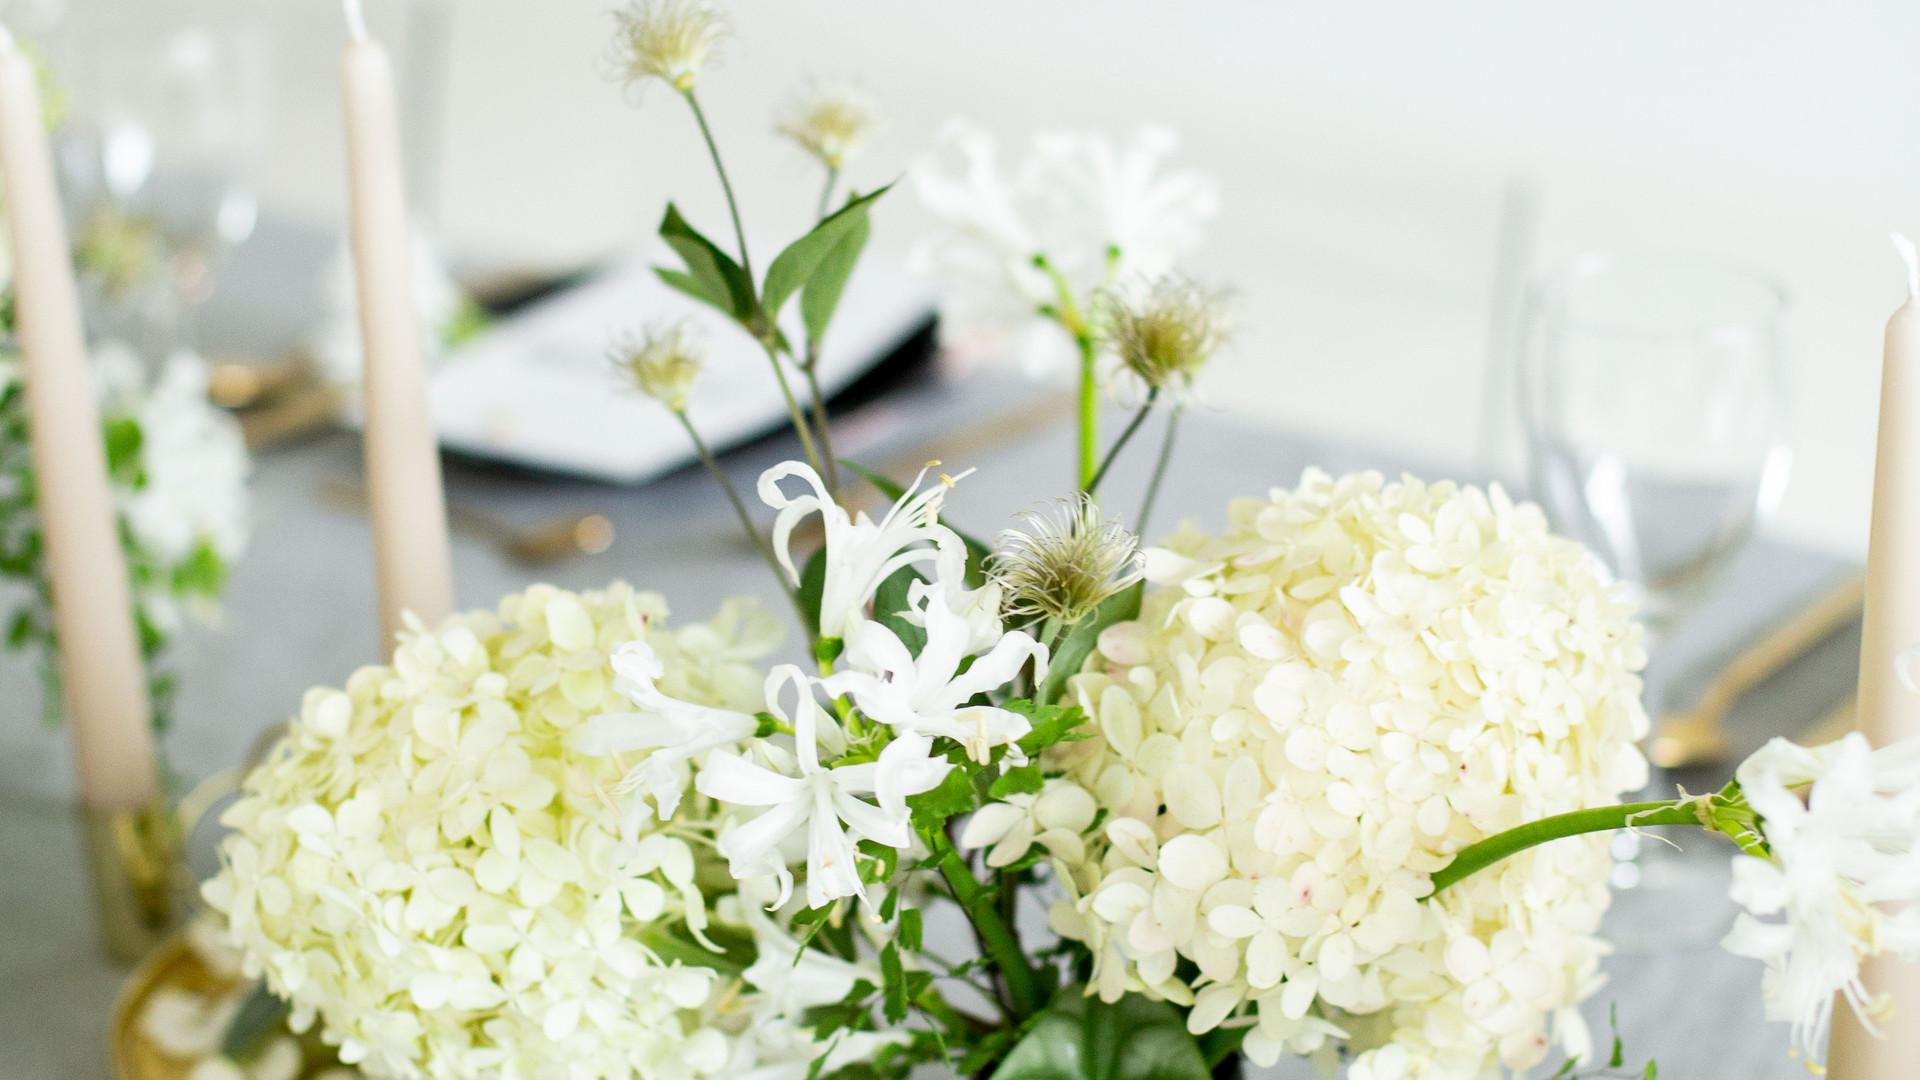 minimalistic floral arrangement